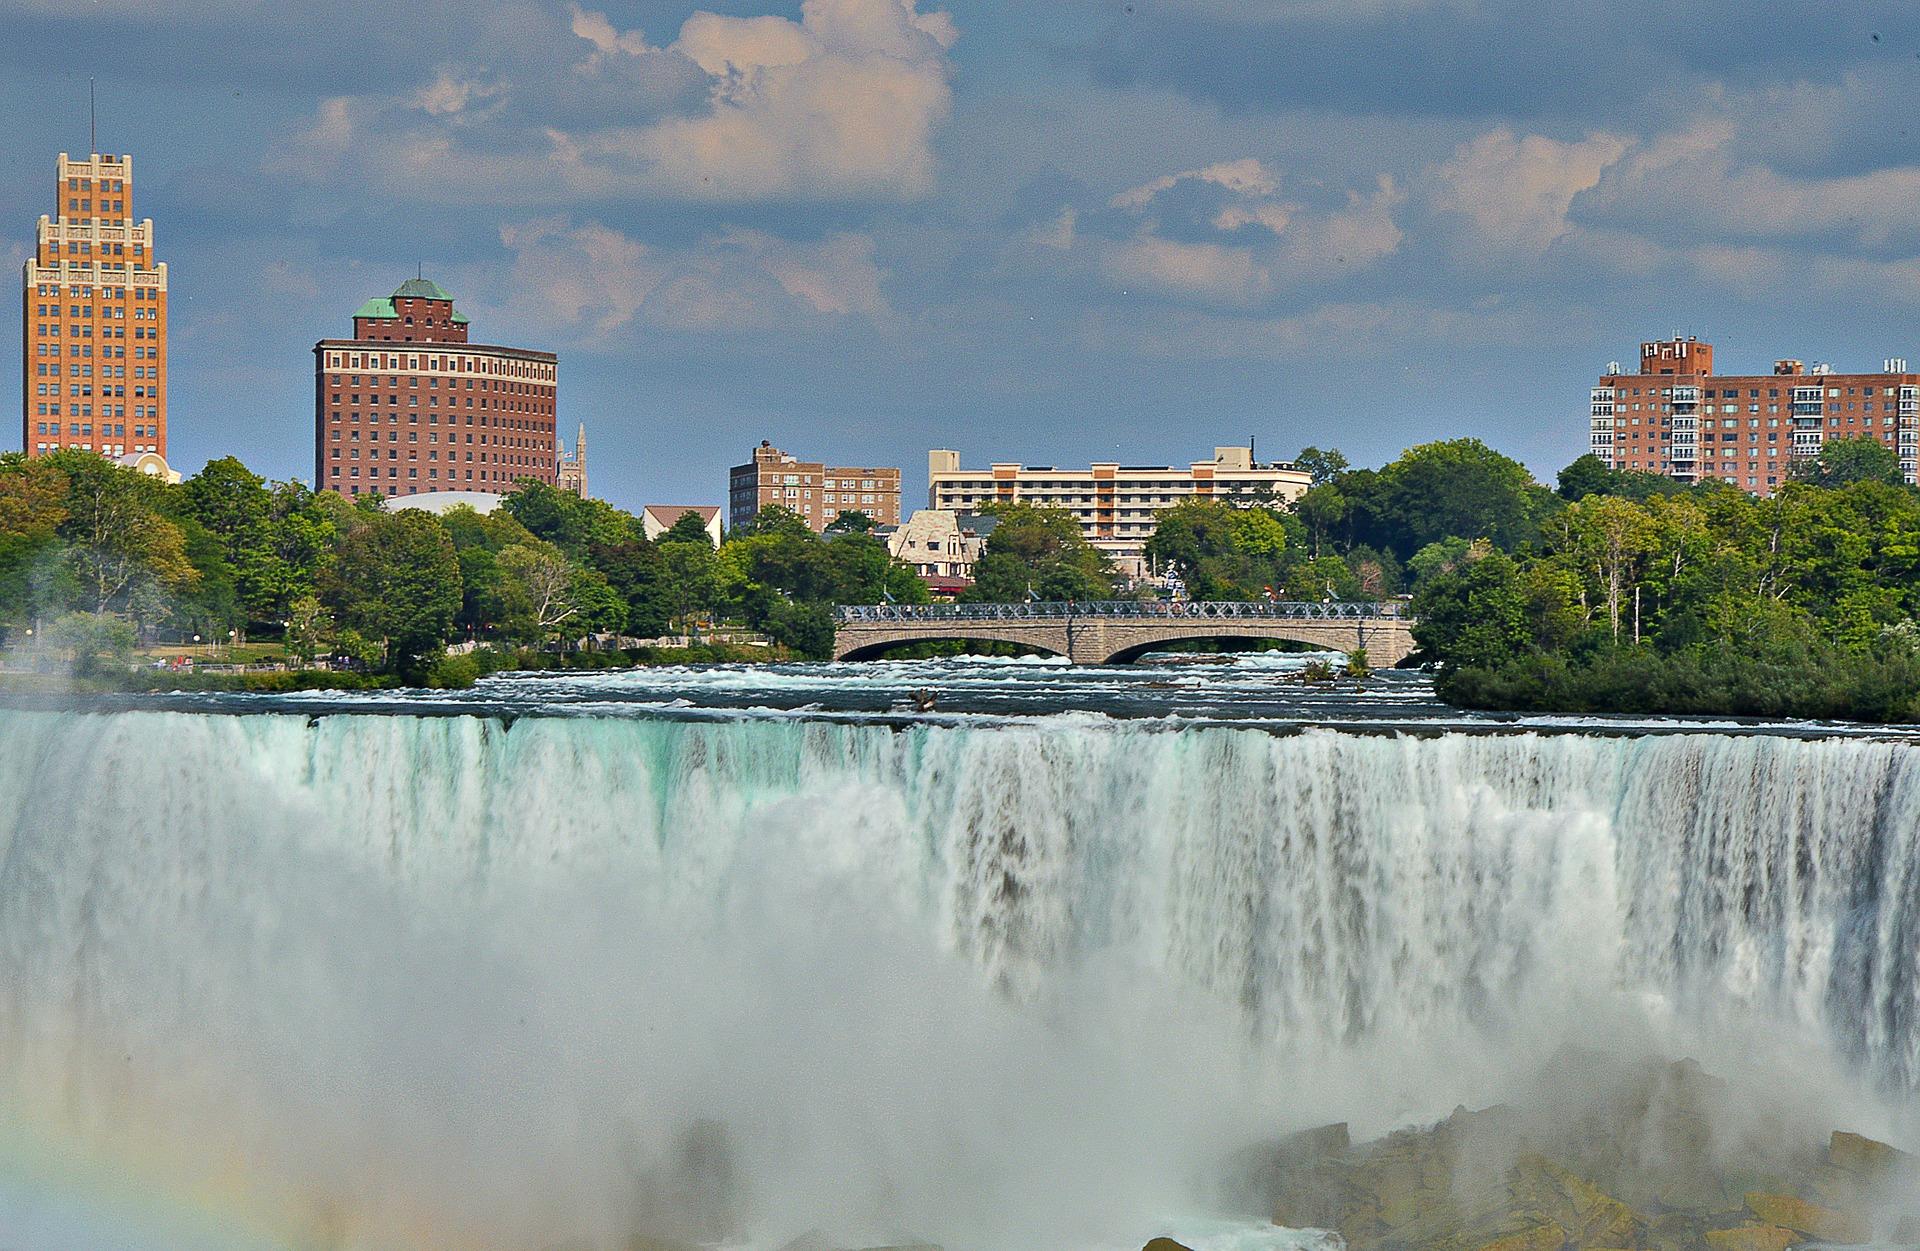 Ihr günstiges Hotel an den Niagarafällen hat einen perfekten Blick auf die Niagarafälle - die Grenze zwischen Kanada und USA